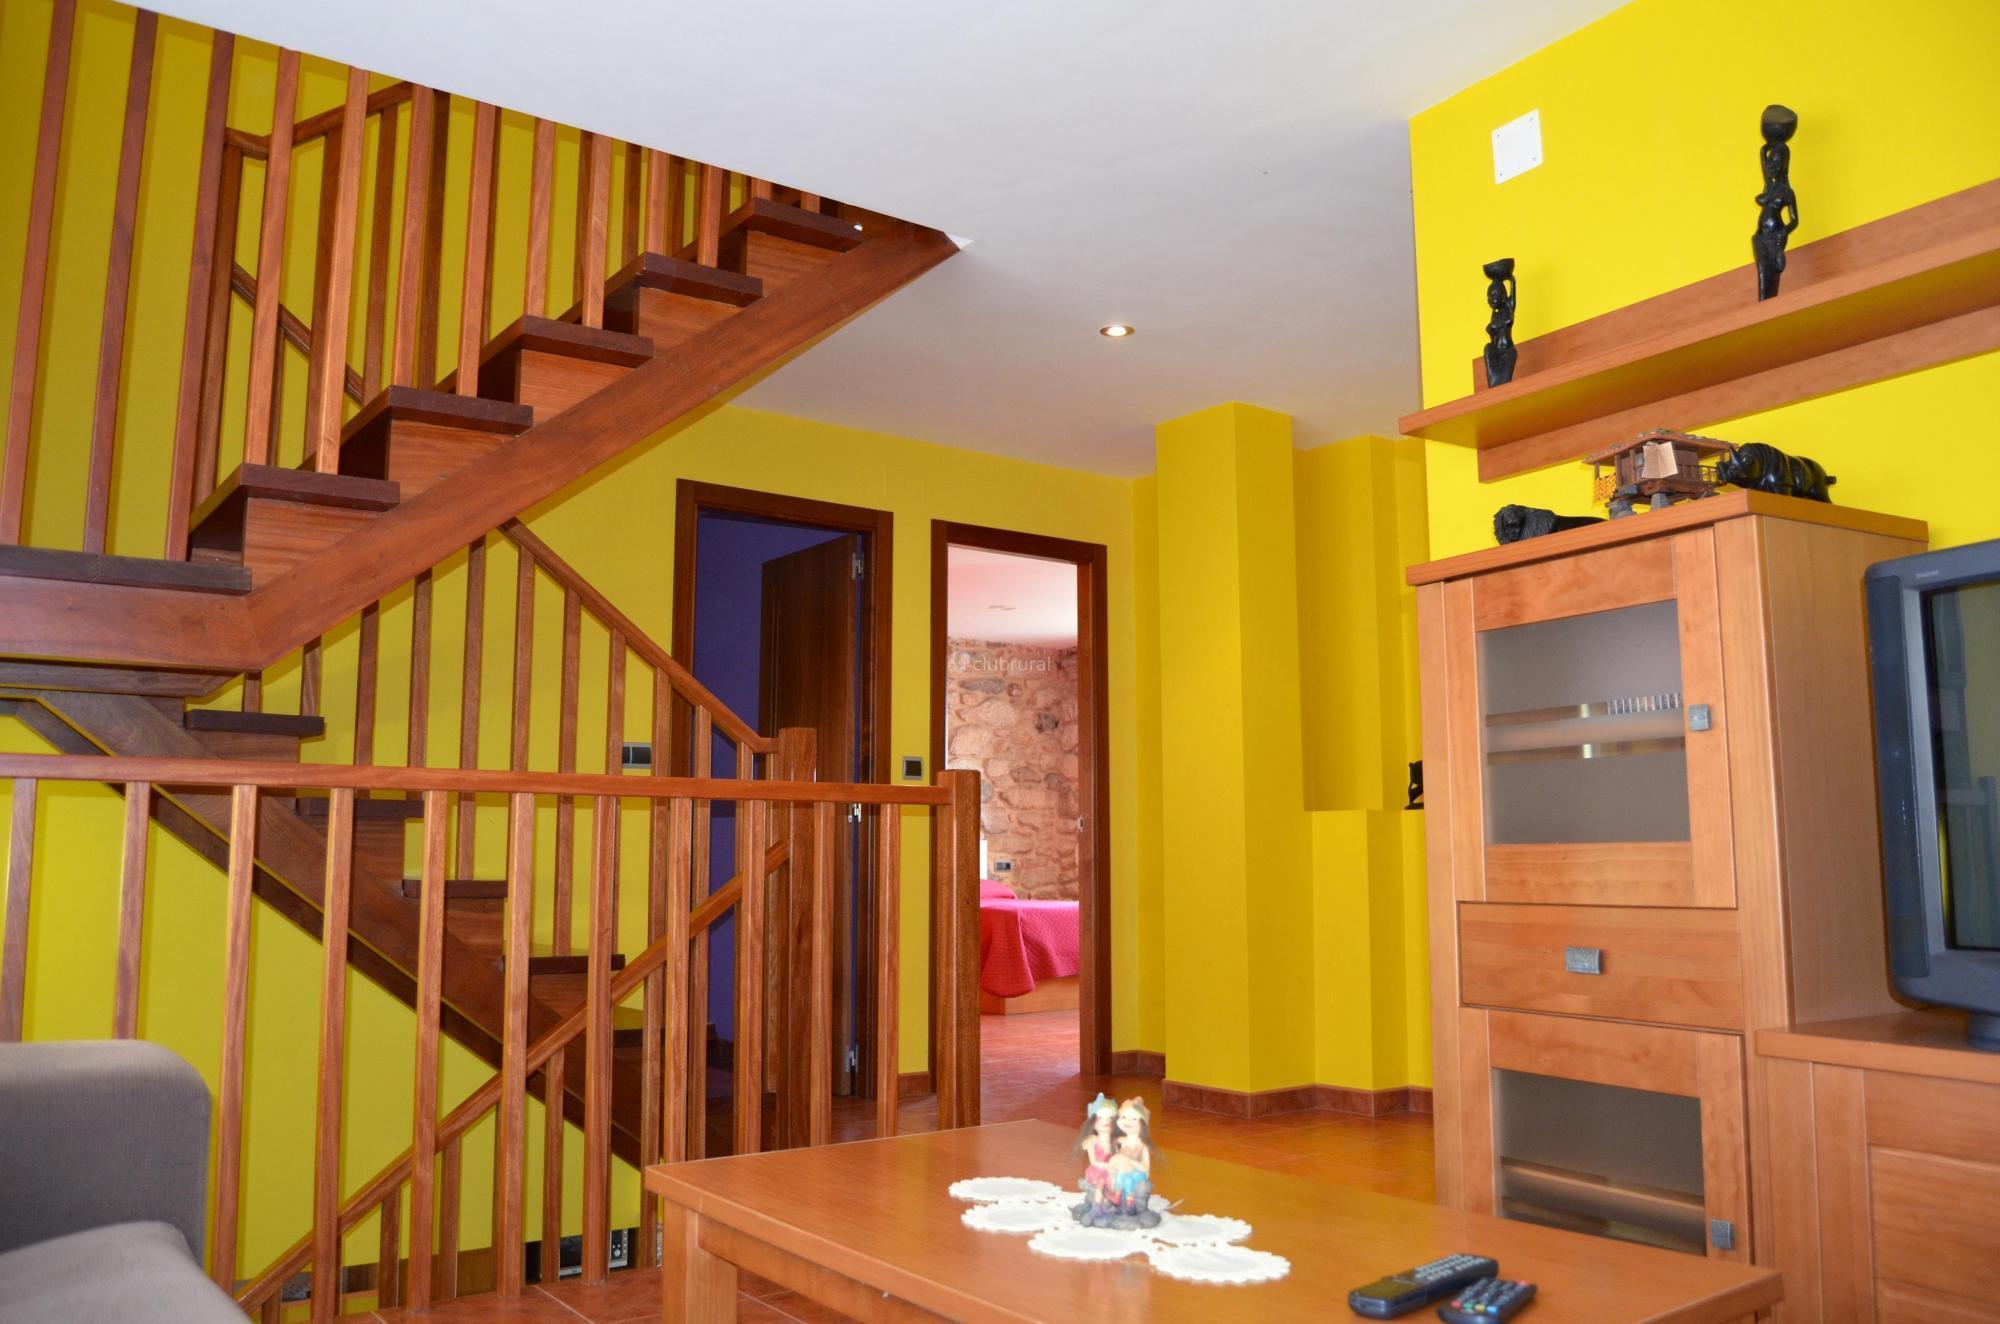 Fotos de casa lorena a coru a vimianzo clubrural - Casa a coruna ...